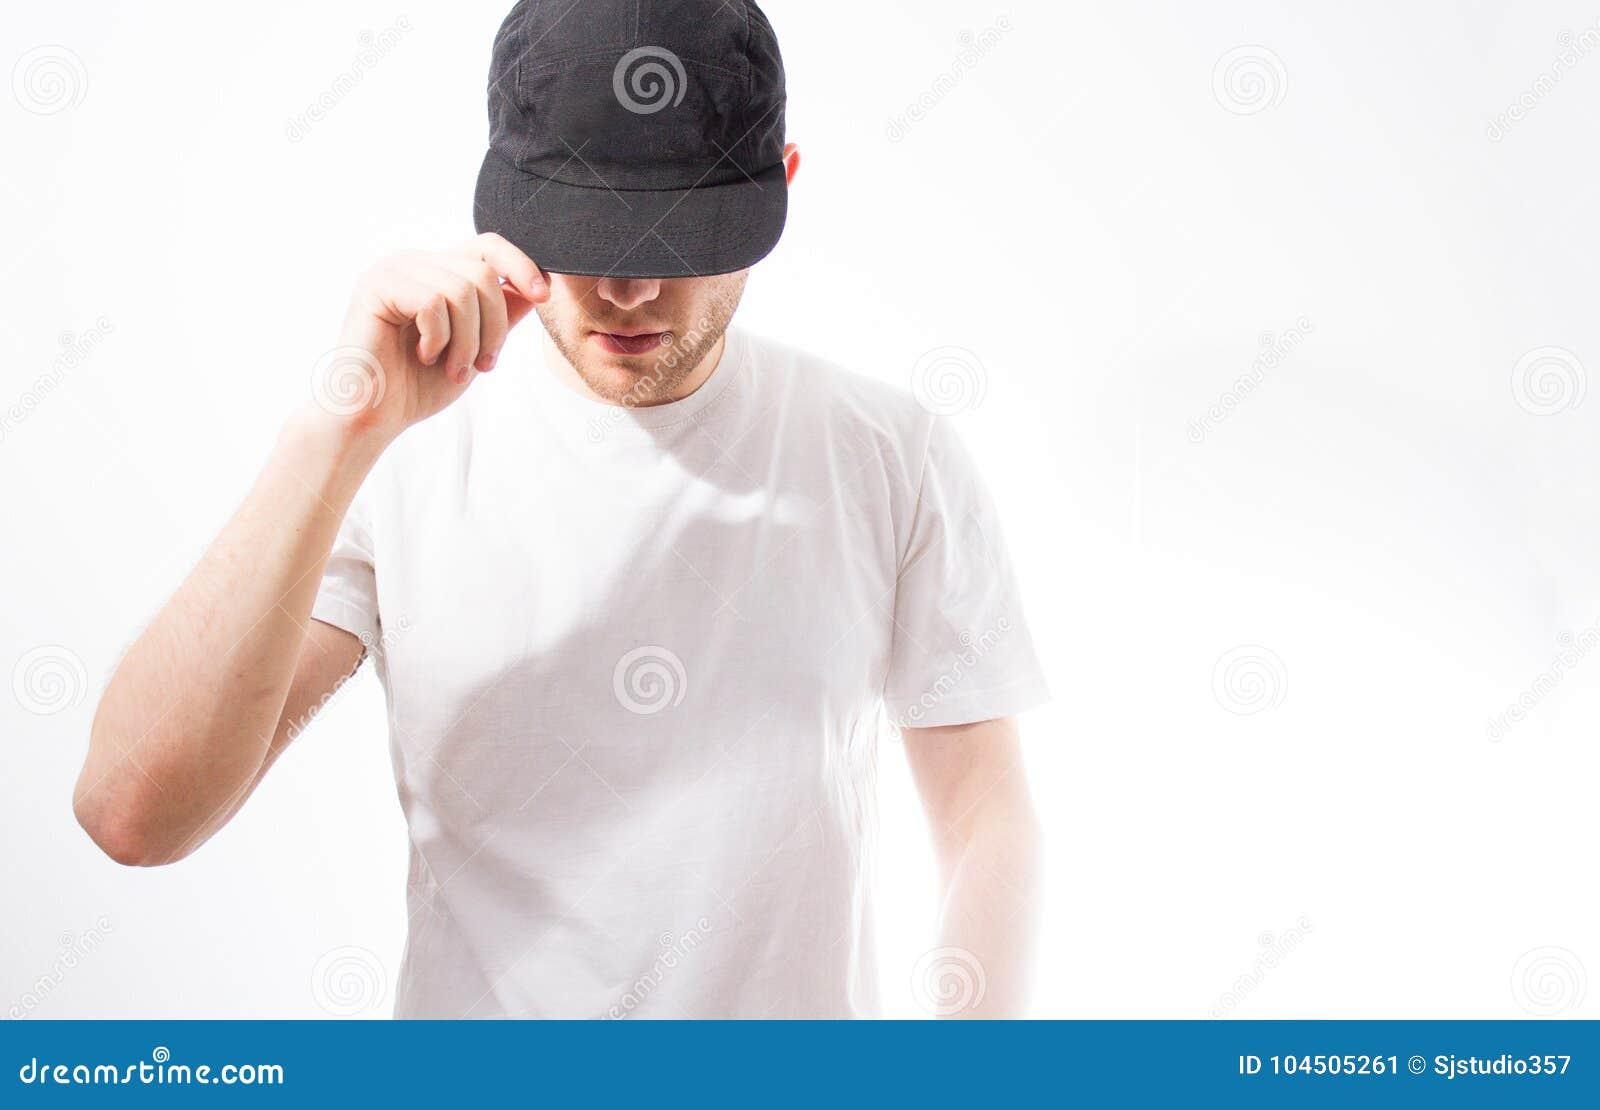 El hombre, en el negro en blanco, gorra de béisbol, snapback en un fondo blanco, mofa para arriba, espacio libre, presentación de